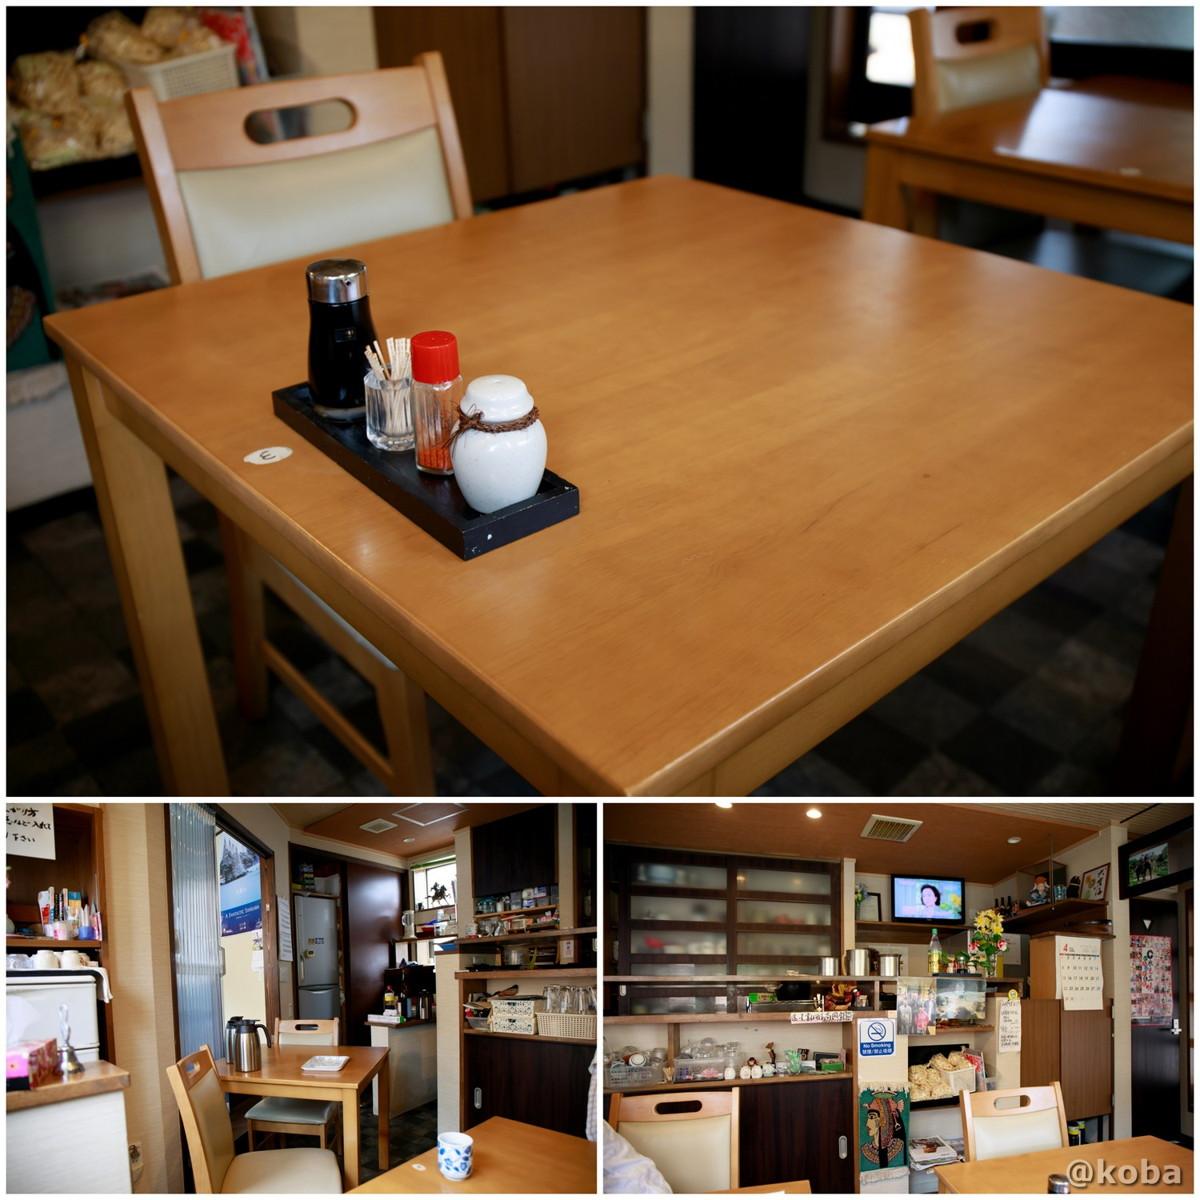 内観の写真│小川屋食堂(おがわやしょくどう)│氷見うどん海鮮料理・和食│滑川市│こばフォトブログ@koba